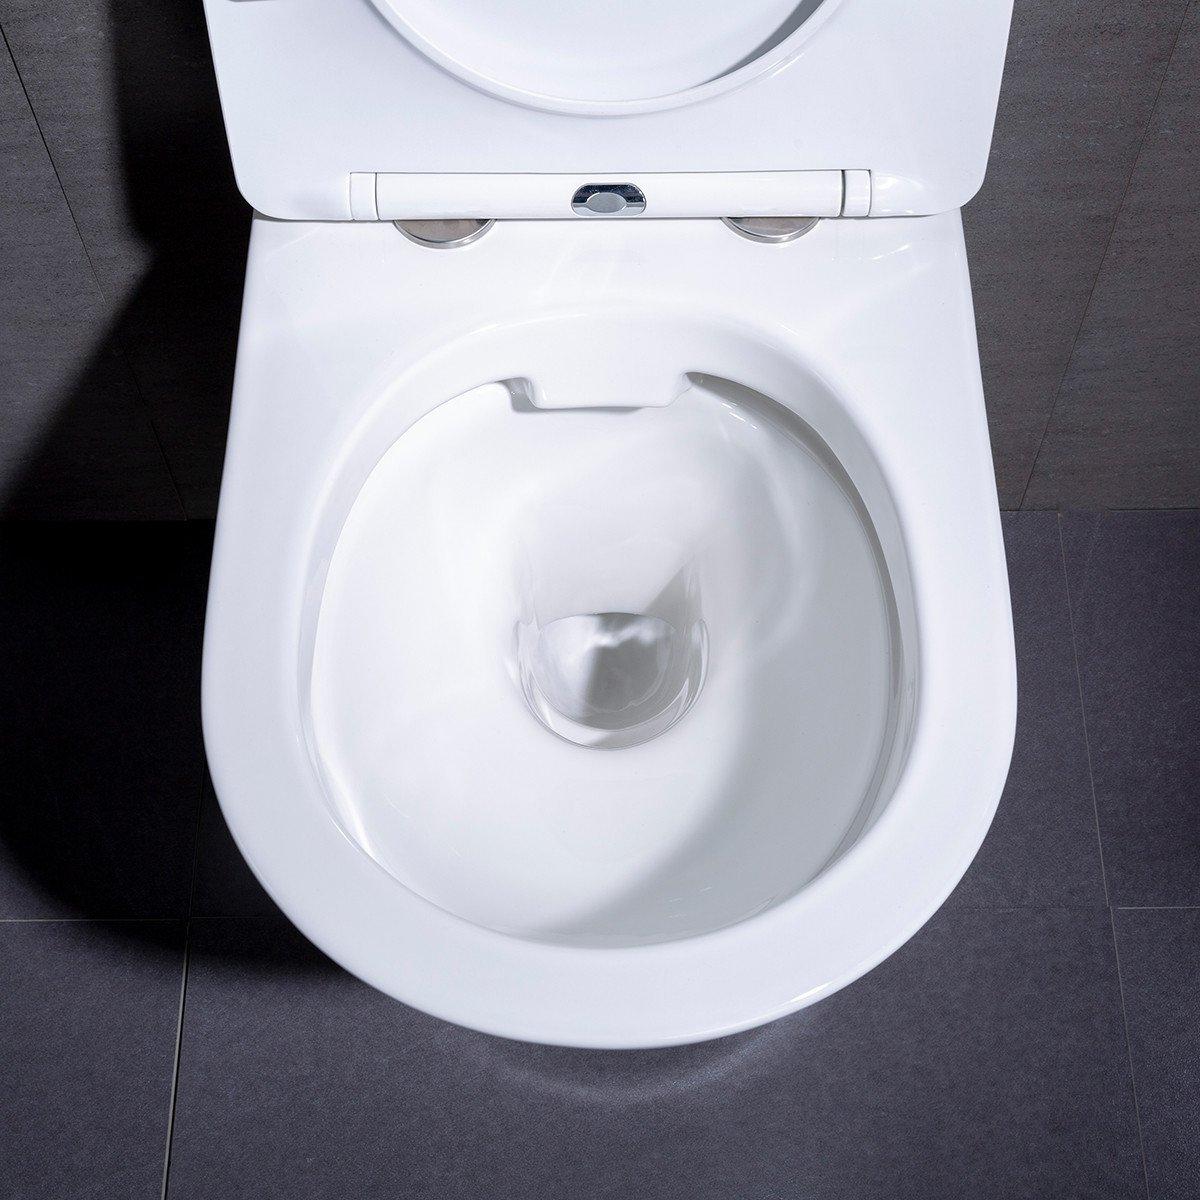 Afmeting Hangend Toilet.Wandcloset Hangend Toilet Saturna Flatline Inbouwtoilet Rimfree Wc Pot